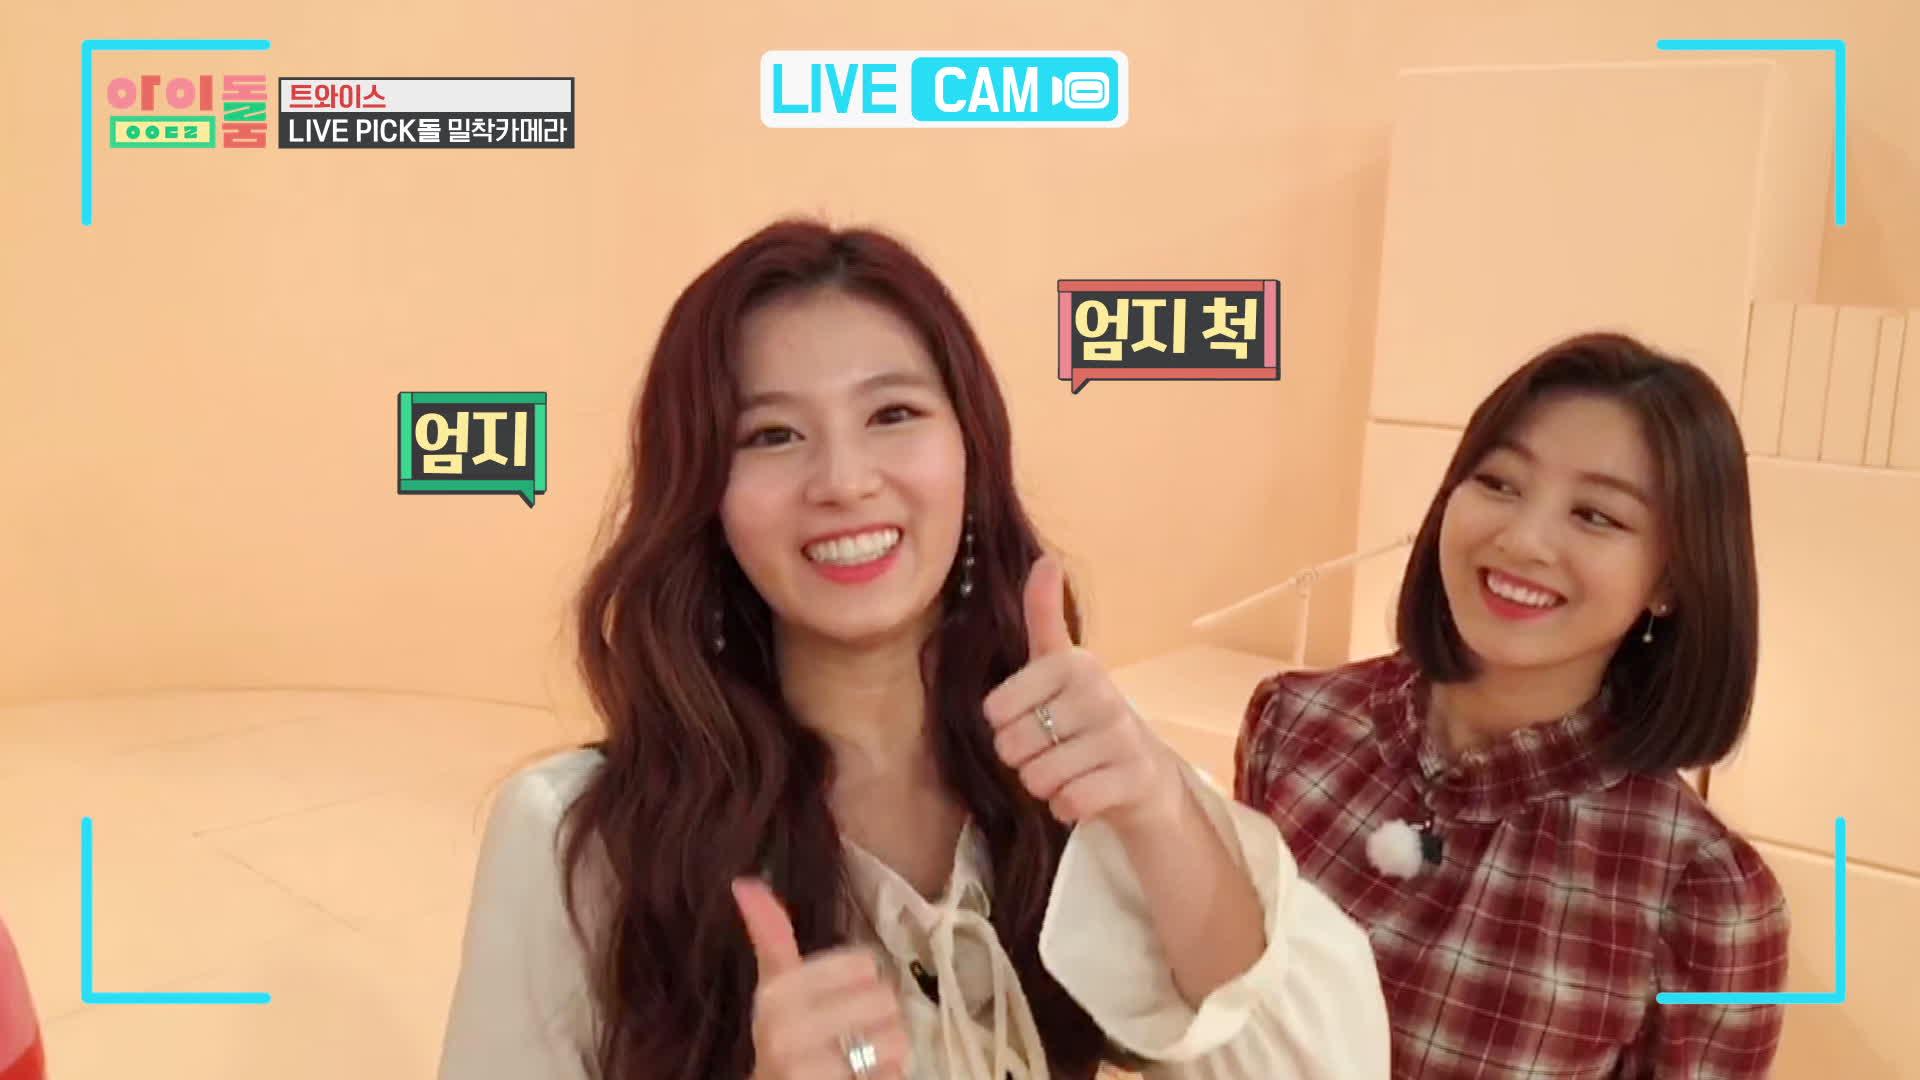 아이돌룸(IDOL ROOM) 26회 - 트와이스 두 번째 PICK돌은 누구?! (와중에 쯔위 애교♥)